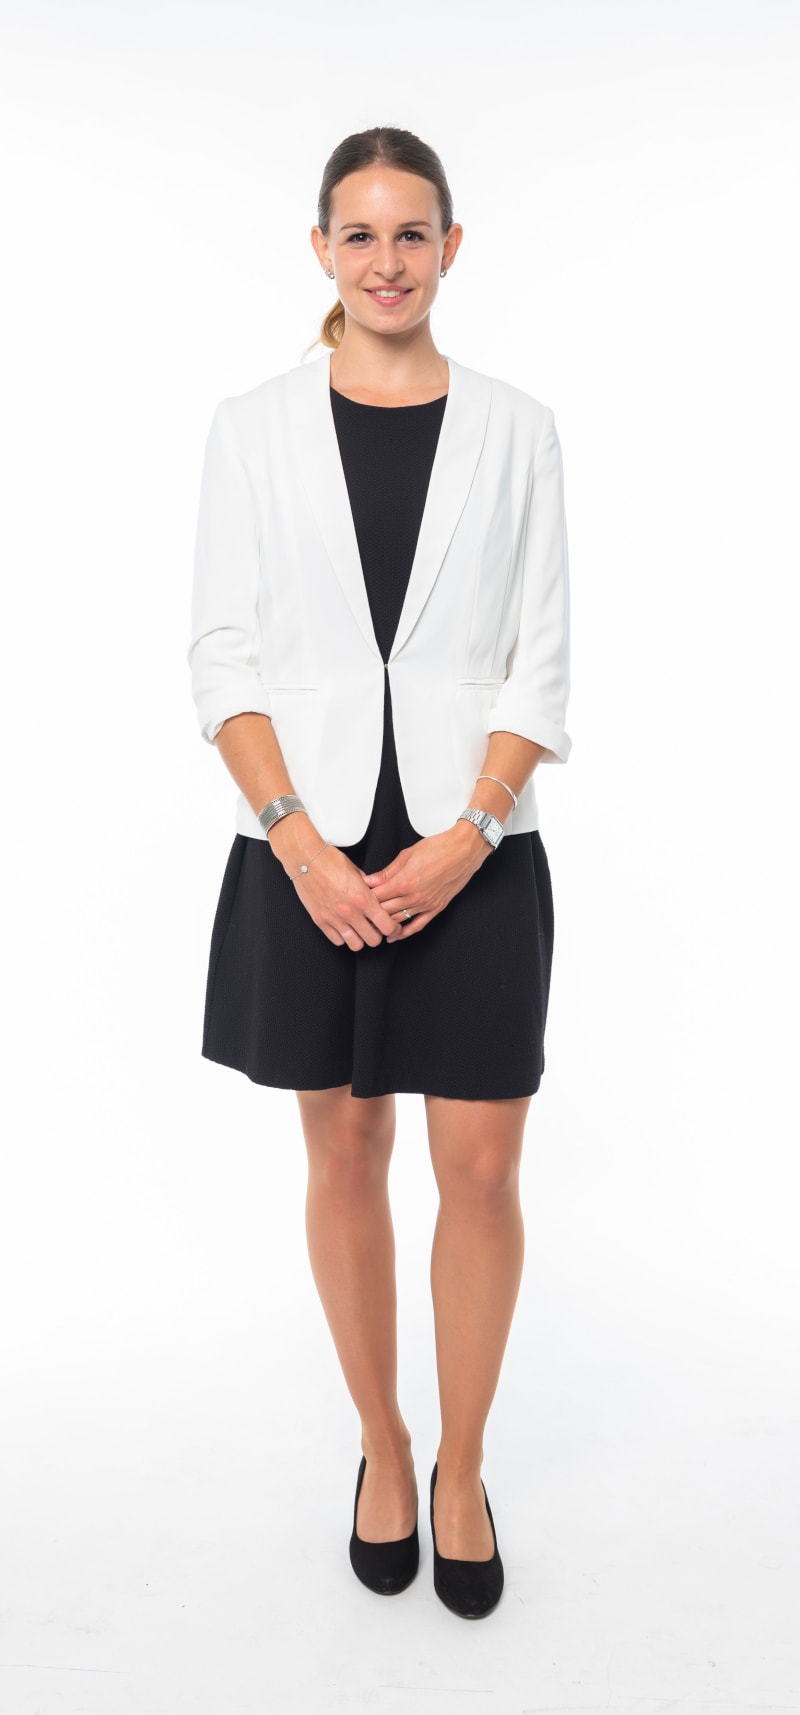 Robe noire cintrée et veste blanche